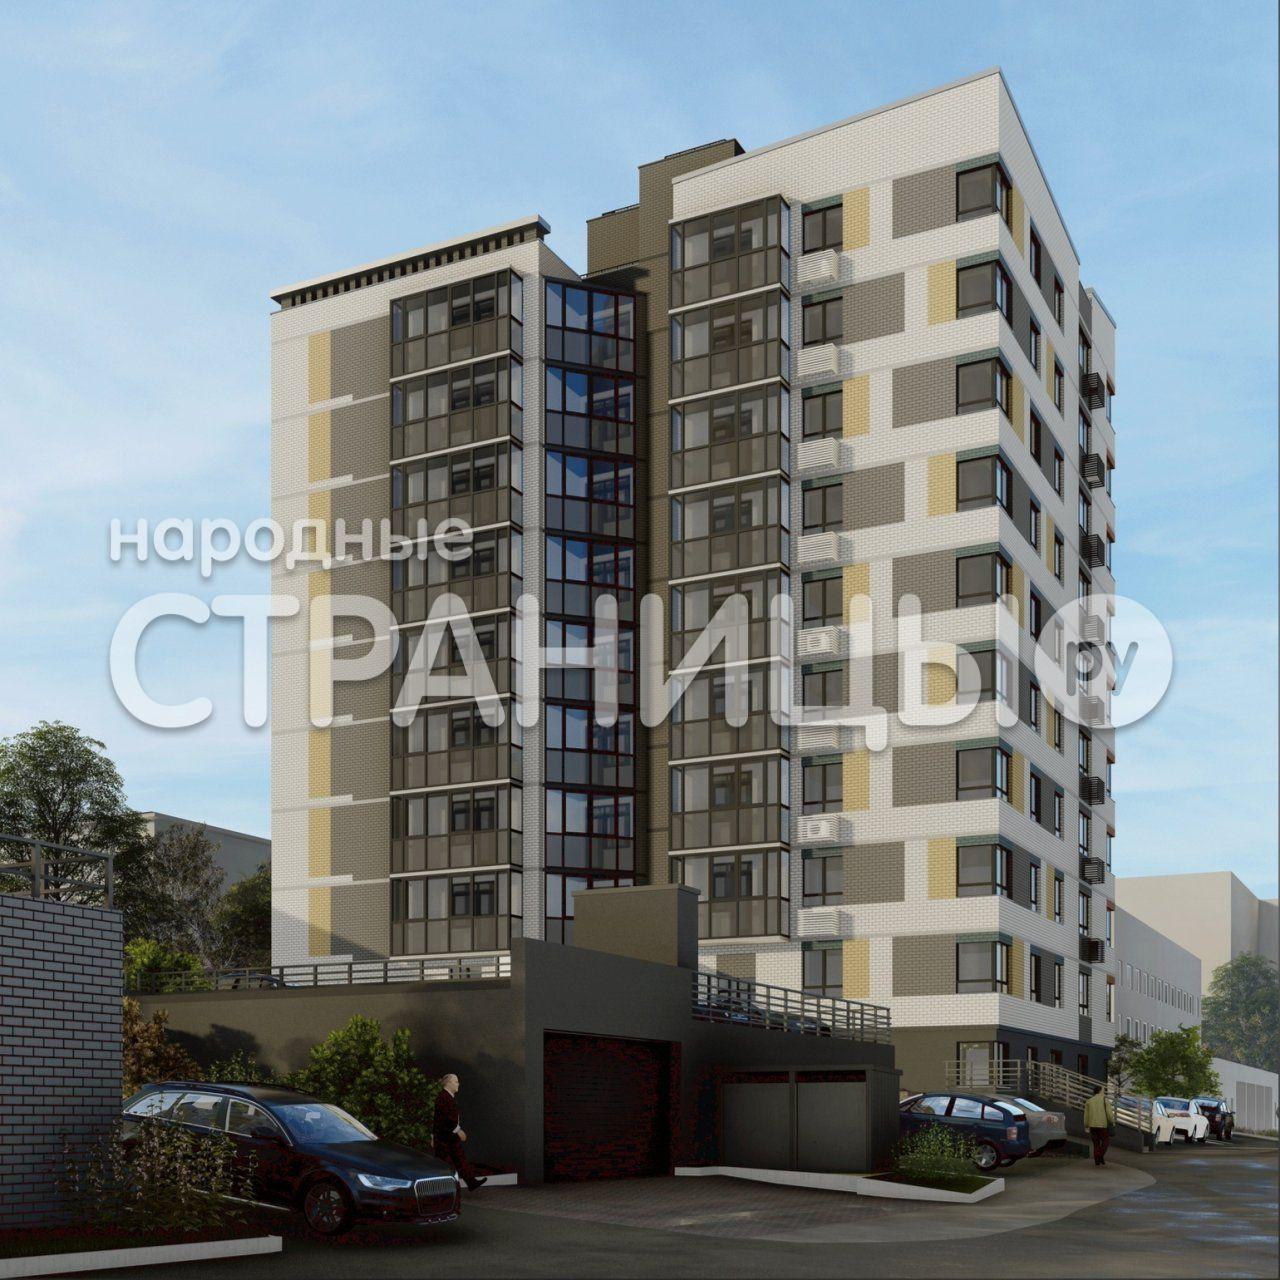 2-комнатная квартира, 56.4 м²,  3/9 эт. Кирпичный дом, Вторичное жилье